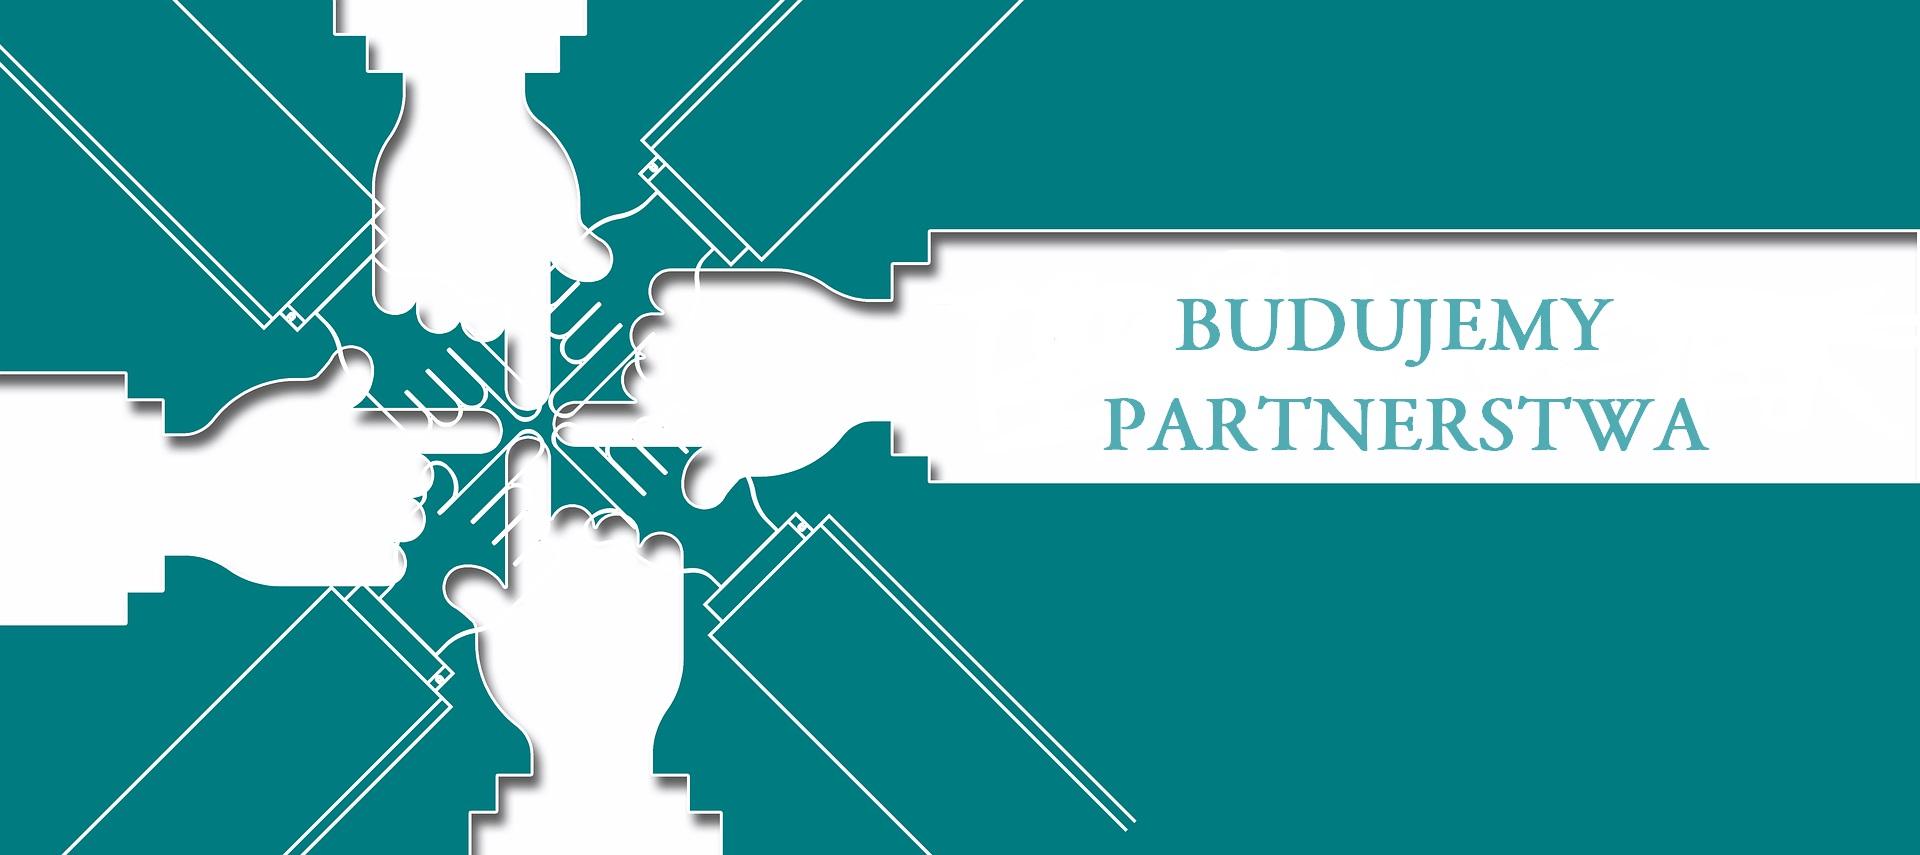 budujemy-partnerstwa